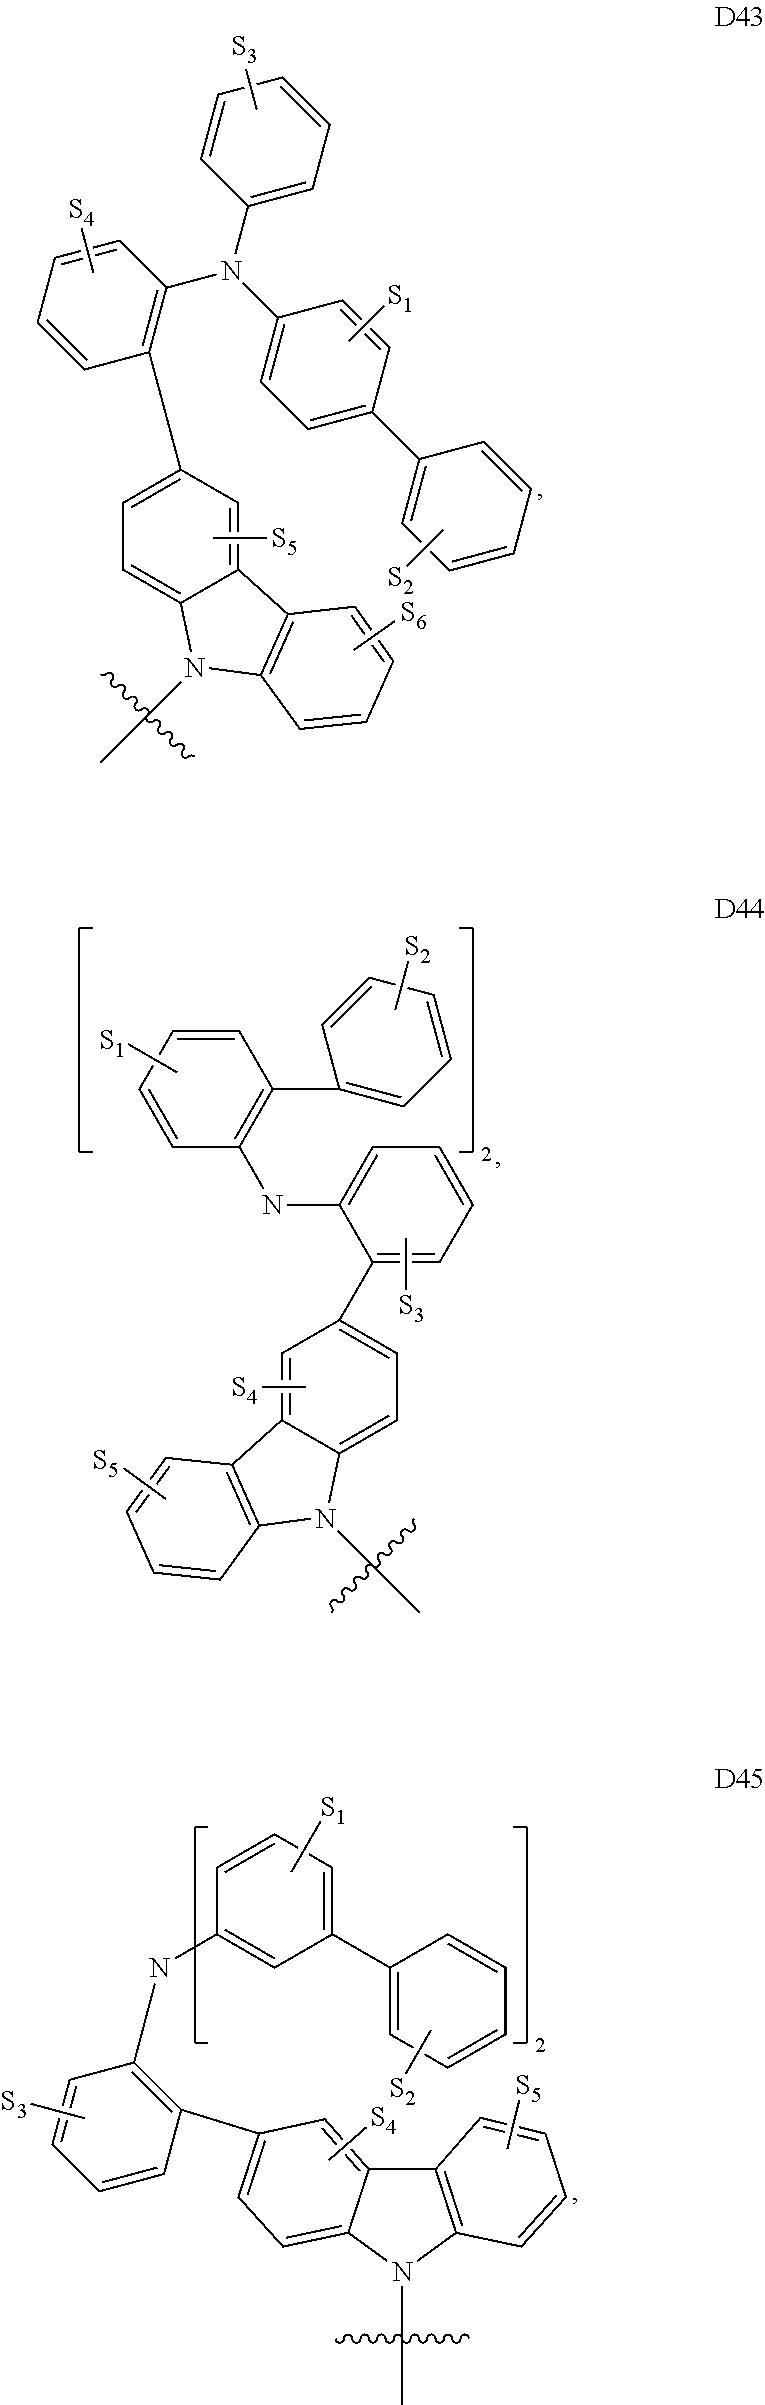 Figure US09324949-20160426-C00327